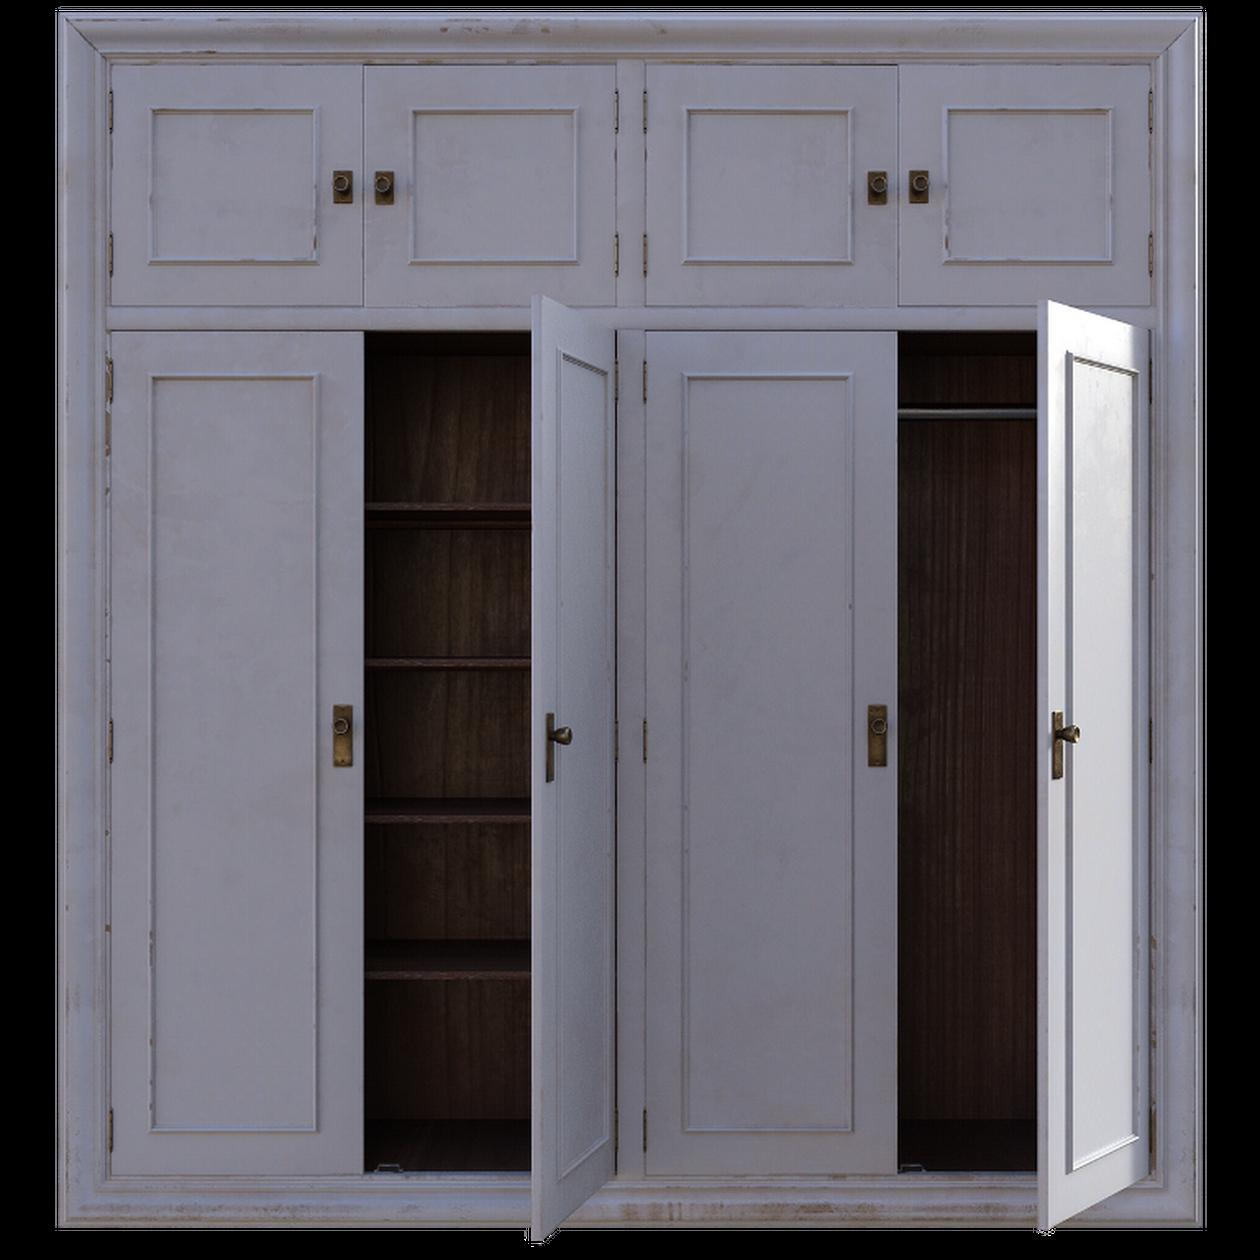 closet-4758960_1280.png